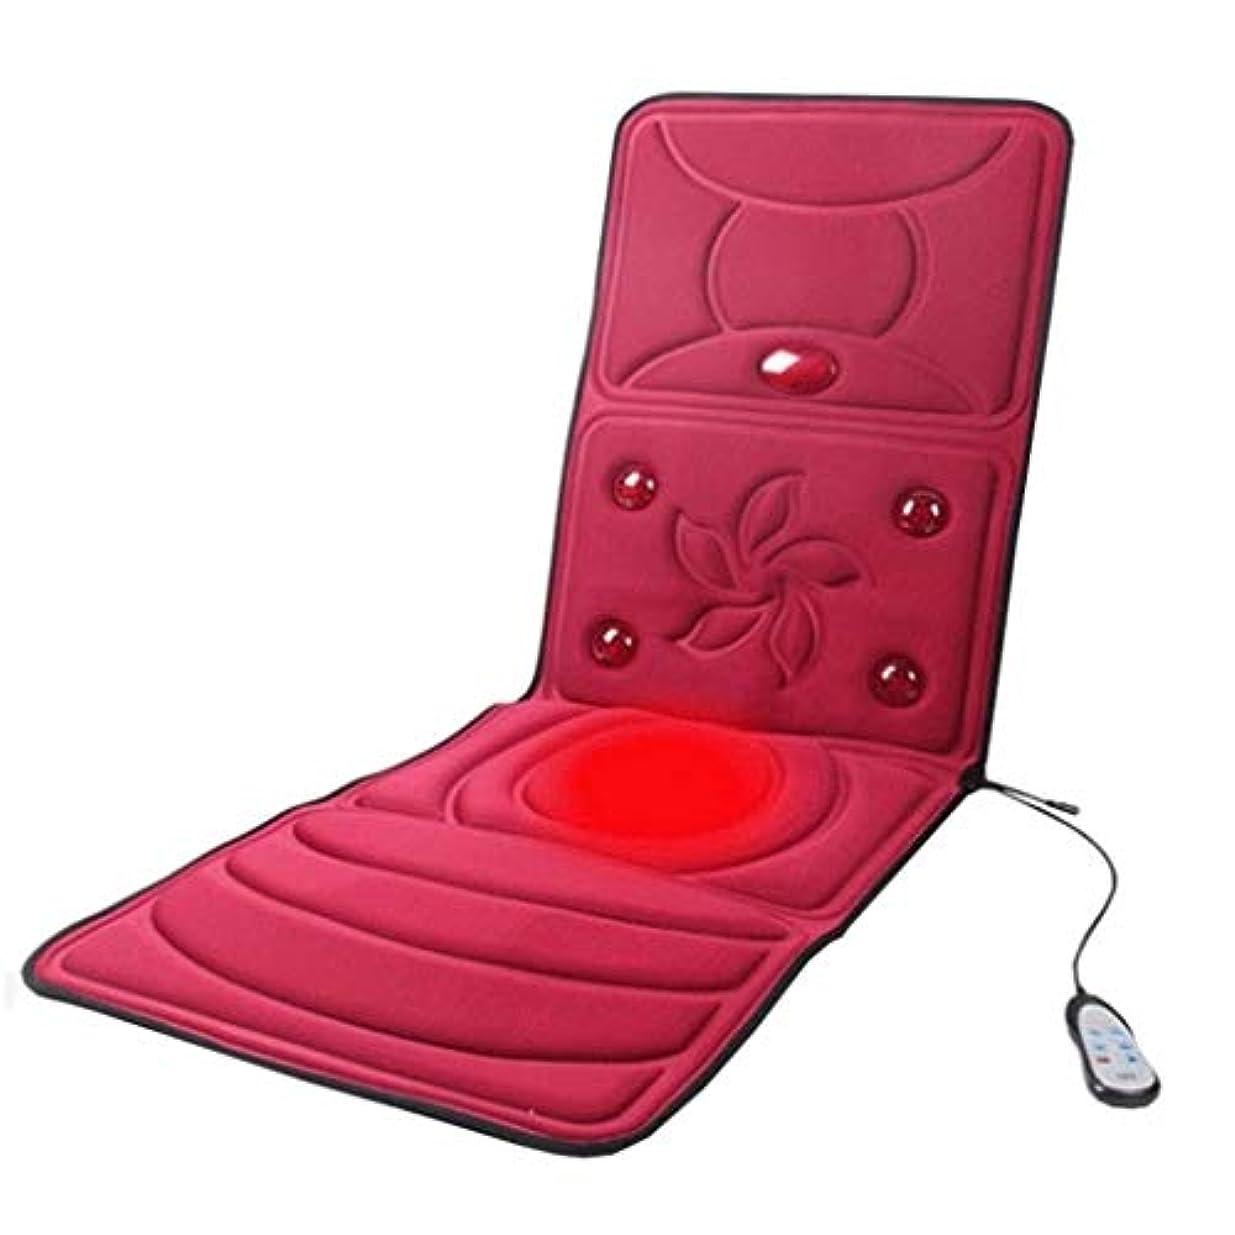 蒸発バレーボール以下マッサージクッション、折り畳み式フルボディマッサージマットレス、首と肩用の多機能加熱/振動マッサージパッド、ストレス/痛み166 * 58cmを和らげます